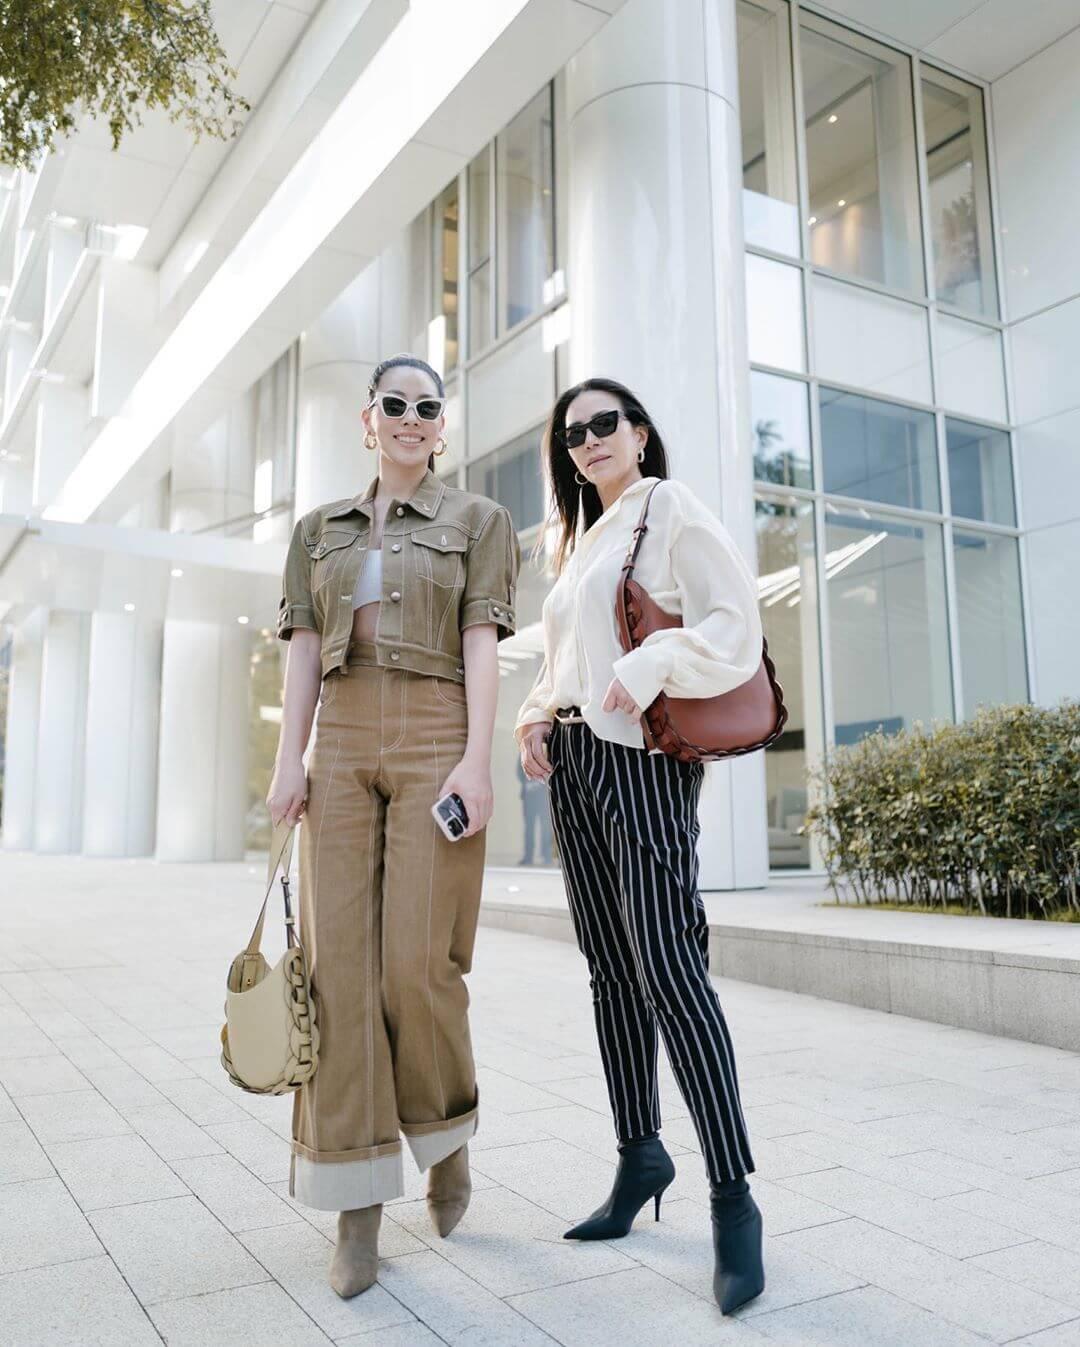 台灣女星蔡詩芸與母親示範Darryl Bag不同穿搭方法。